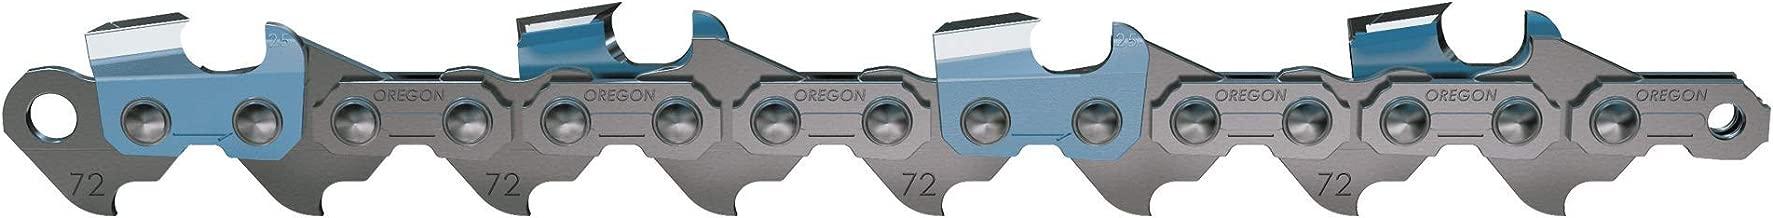 OREGON 72LPX070G 70 Drive Link Super 70 Chisel Chain, 3/8-Inch